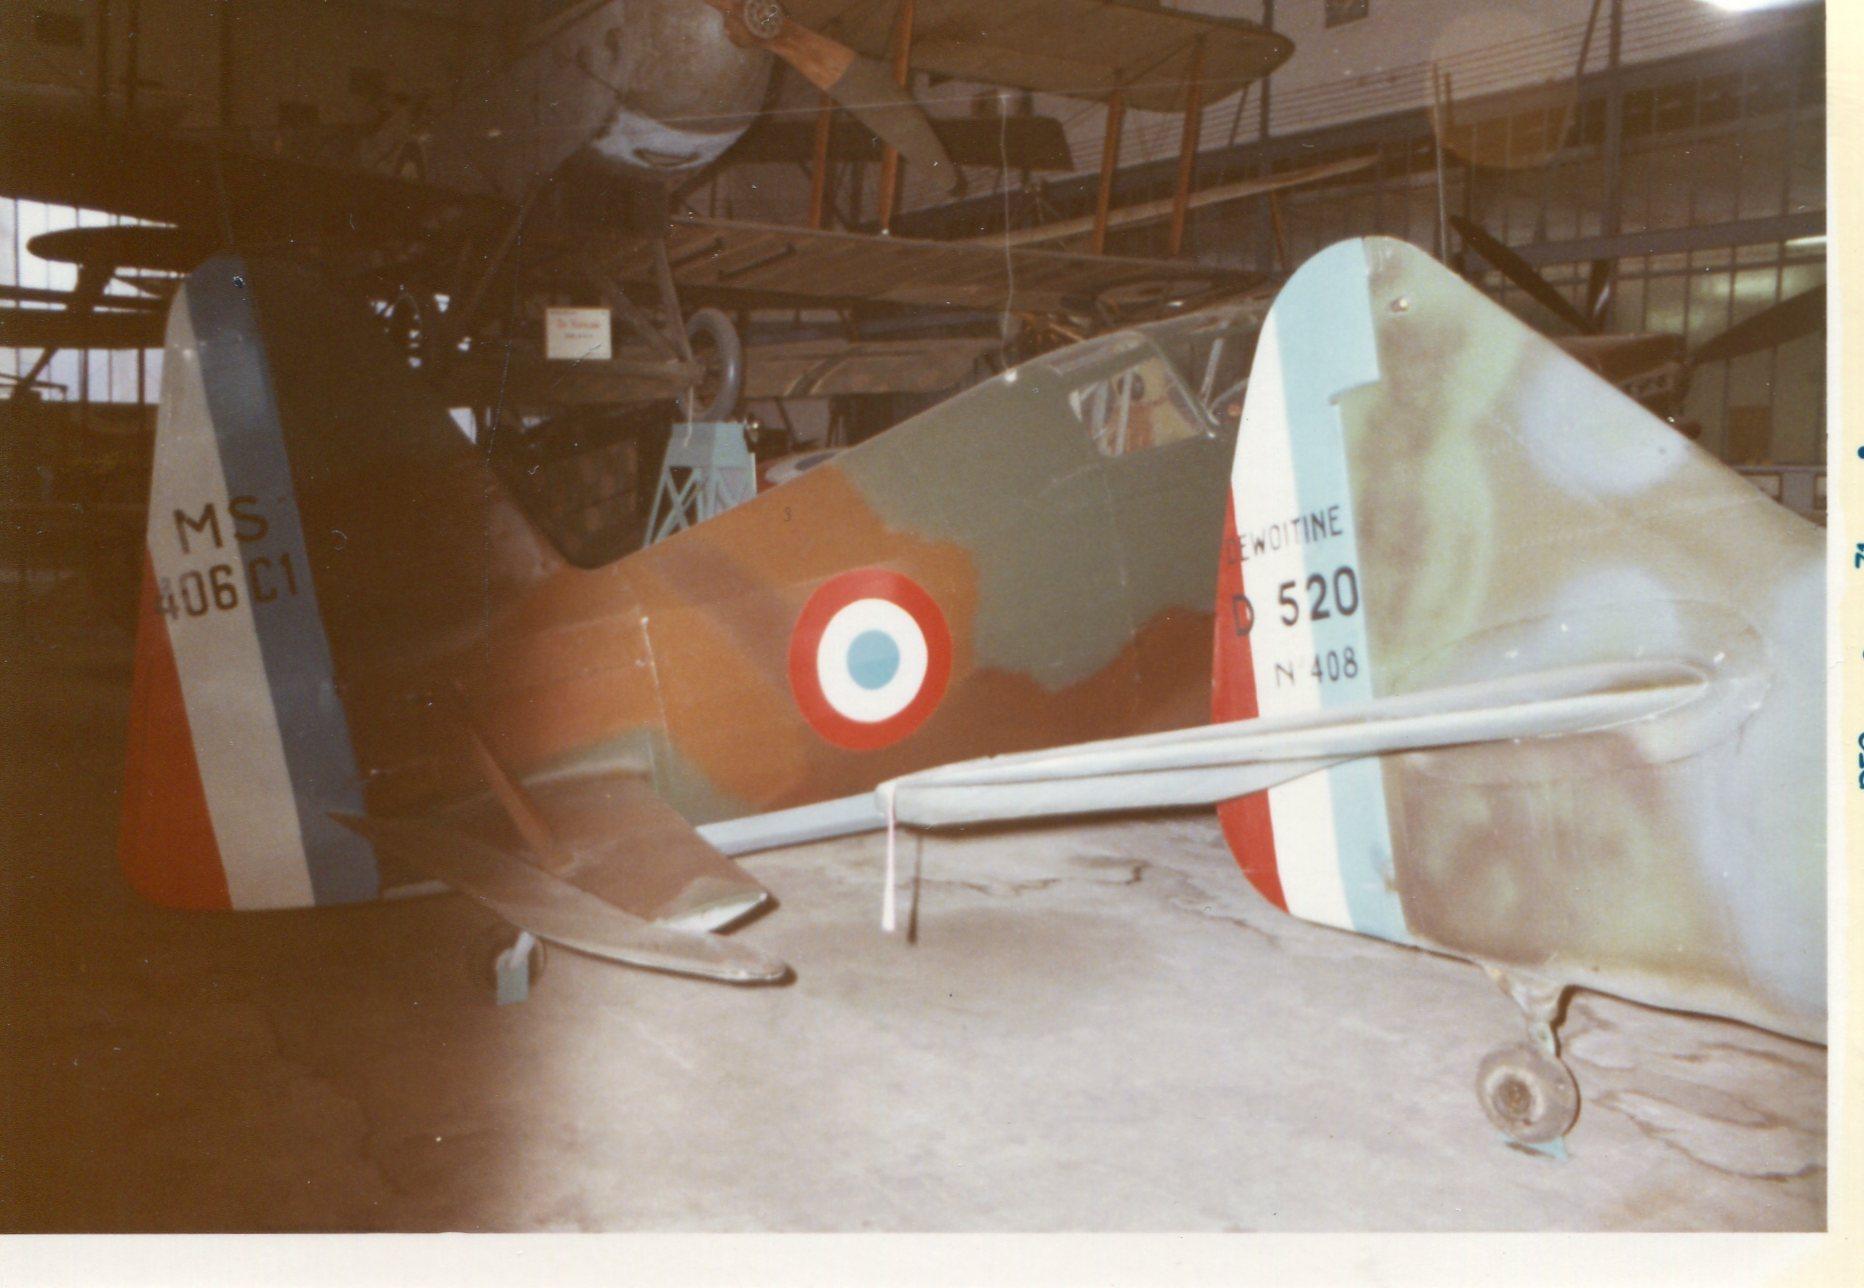 Naam: MS 406 Dewoitine - musee de l ' air - Parijs. (3)+.jpg Bekeken: 172 Grootte: 235,8 KB